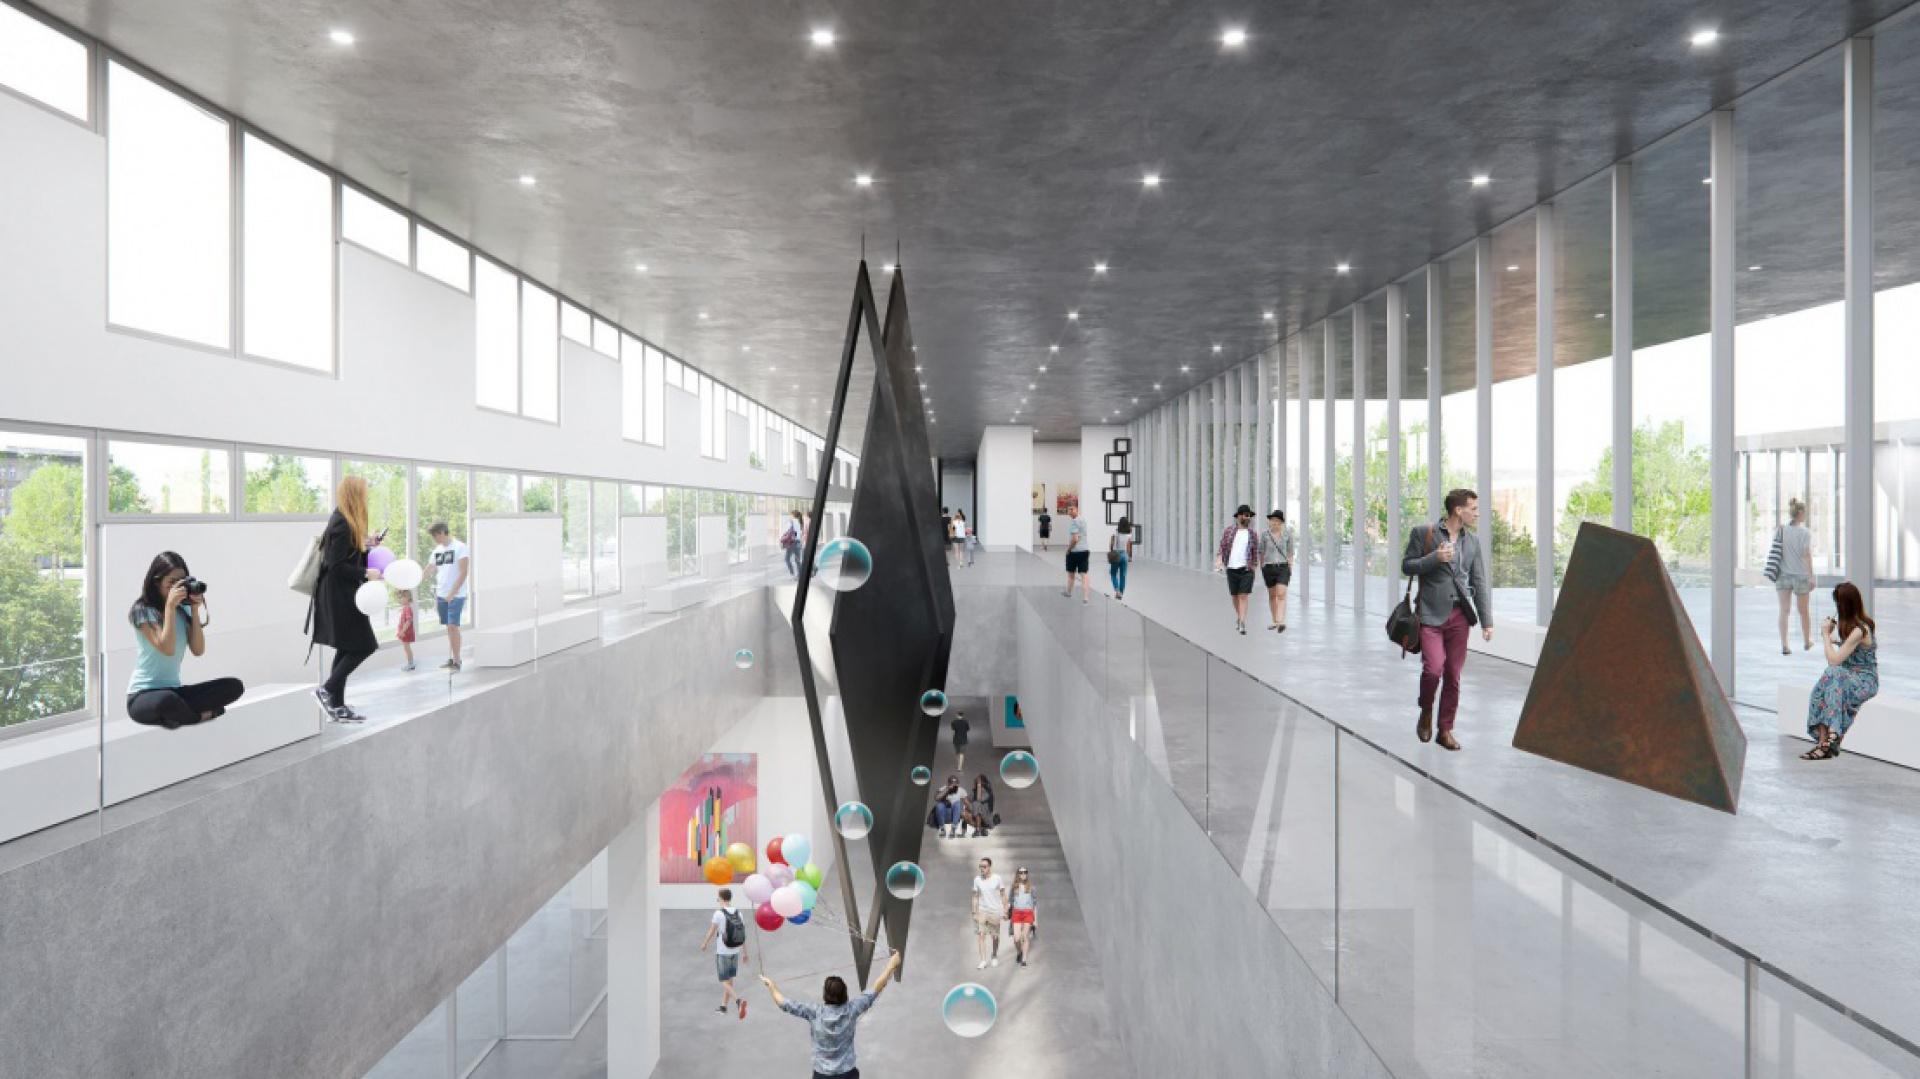 Koncepcja przewiduje stworzenie Muzeum Architektury i Designu, wraz z przestrzeniami warsztatowymi, które w założeniu miałoby działać w pełnej symbiozie z Muzeum Narodowym. Autor: Alicja Nowak